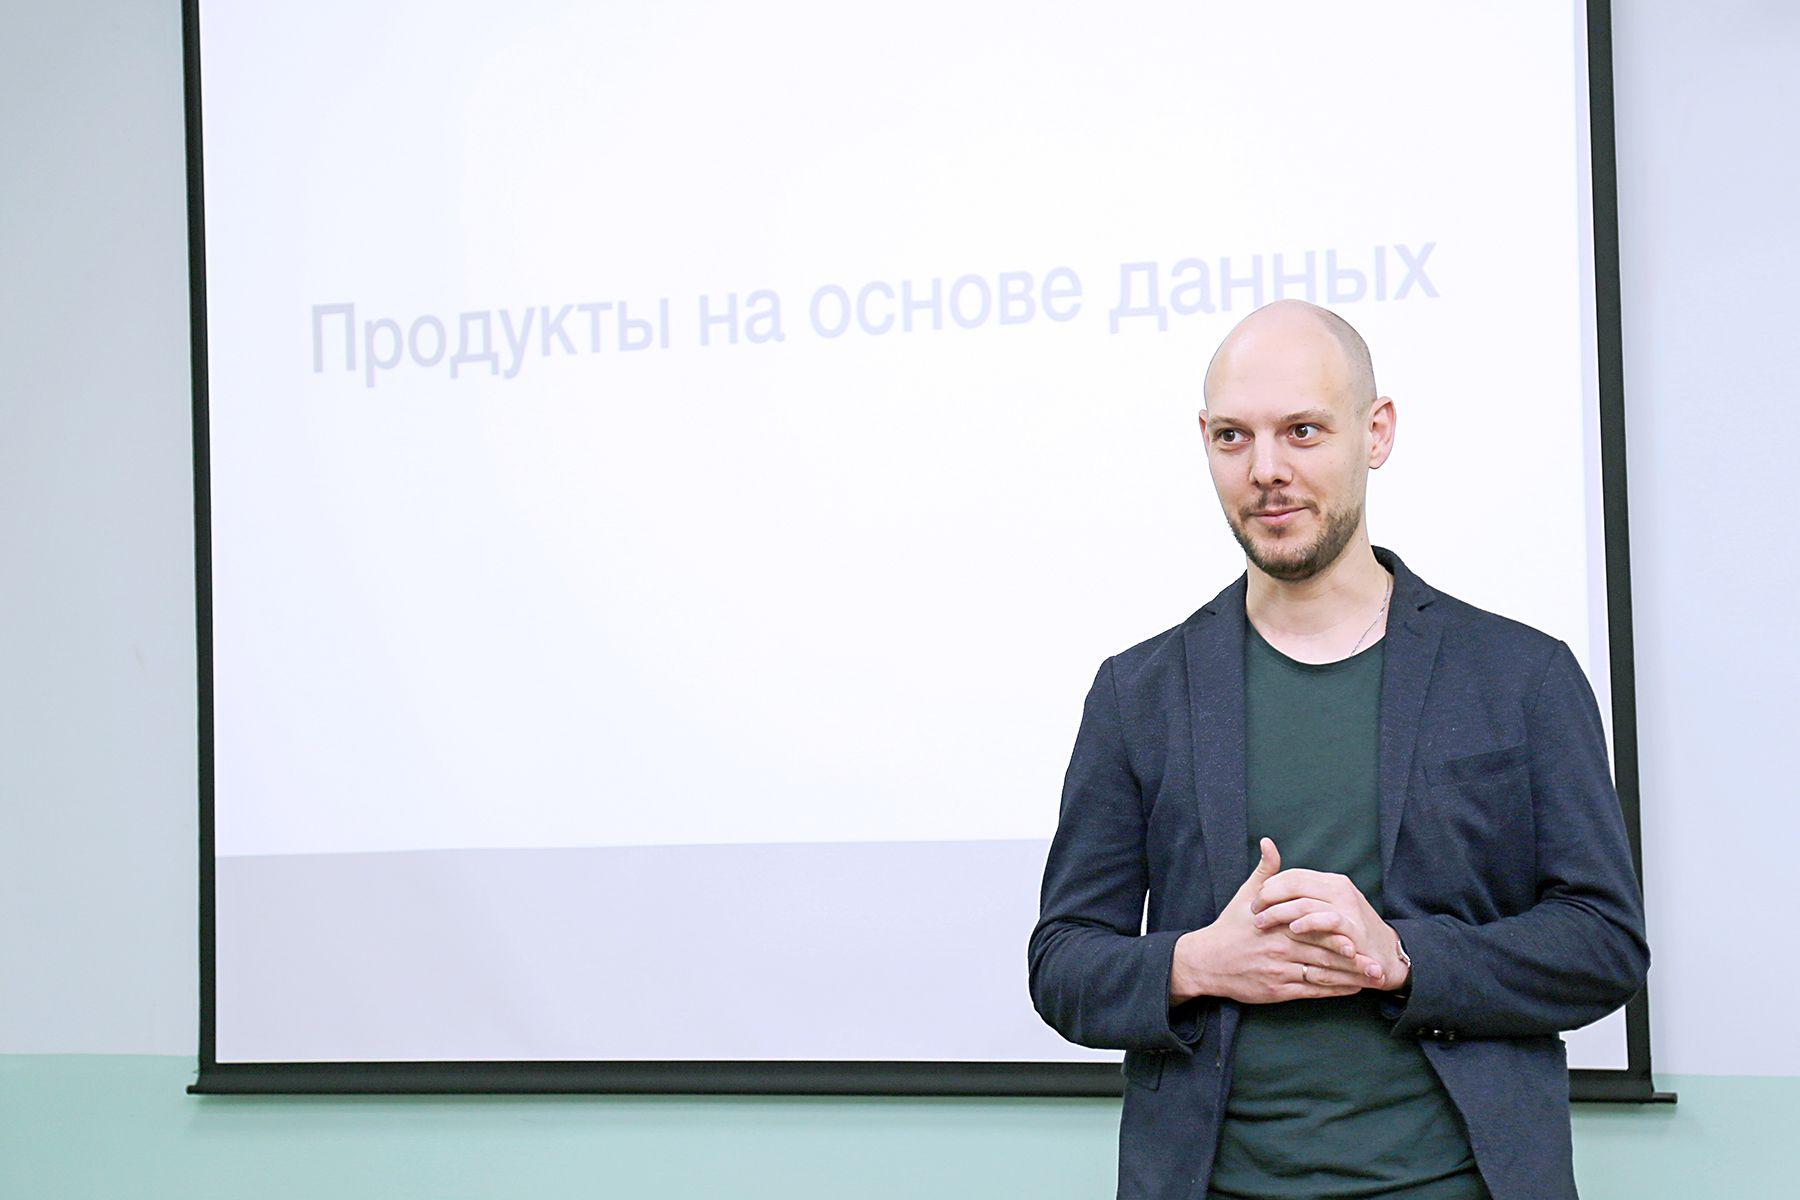 Продукты на основе анализа больших данных: лекция ведущего бизнес-аналитика ПАО «Ростелеком» во ВГУЭС